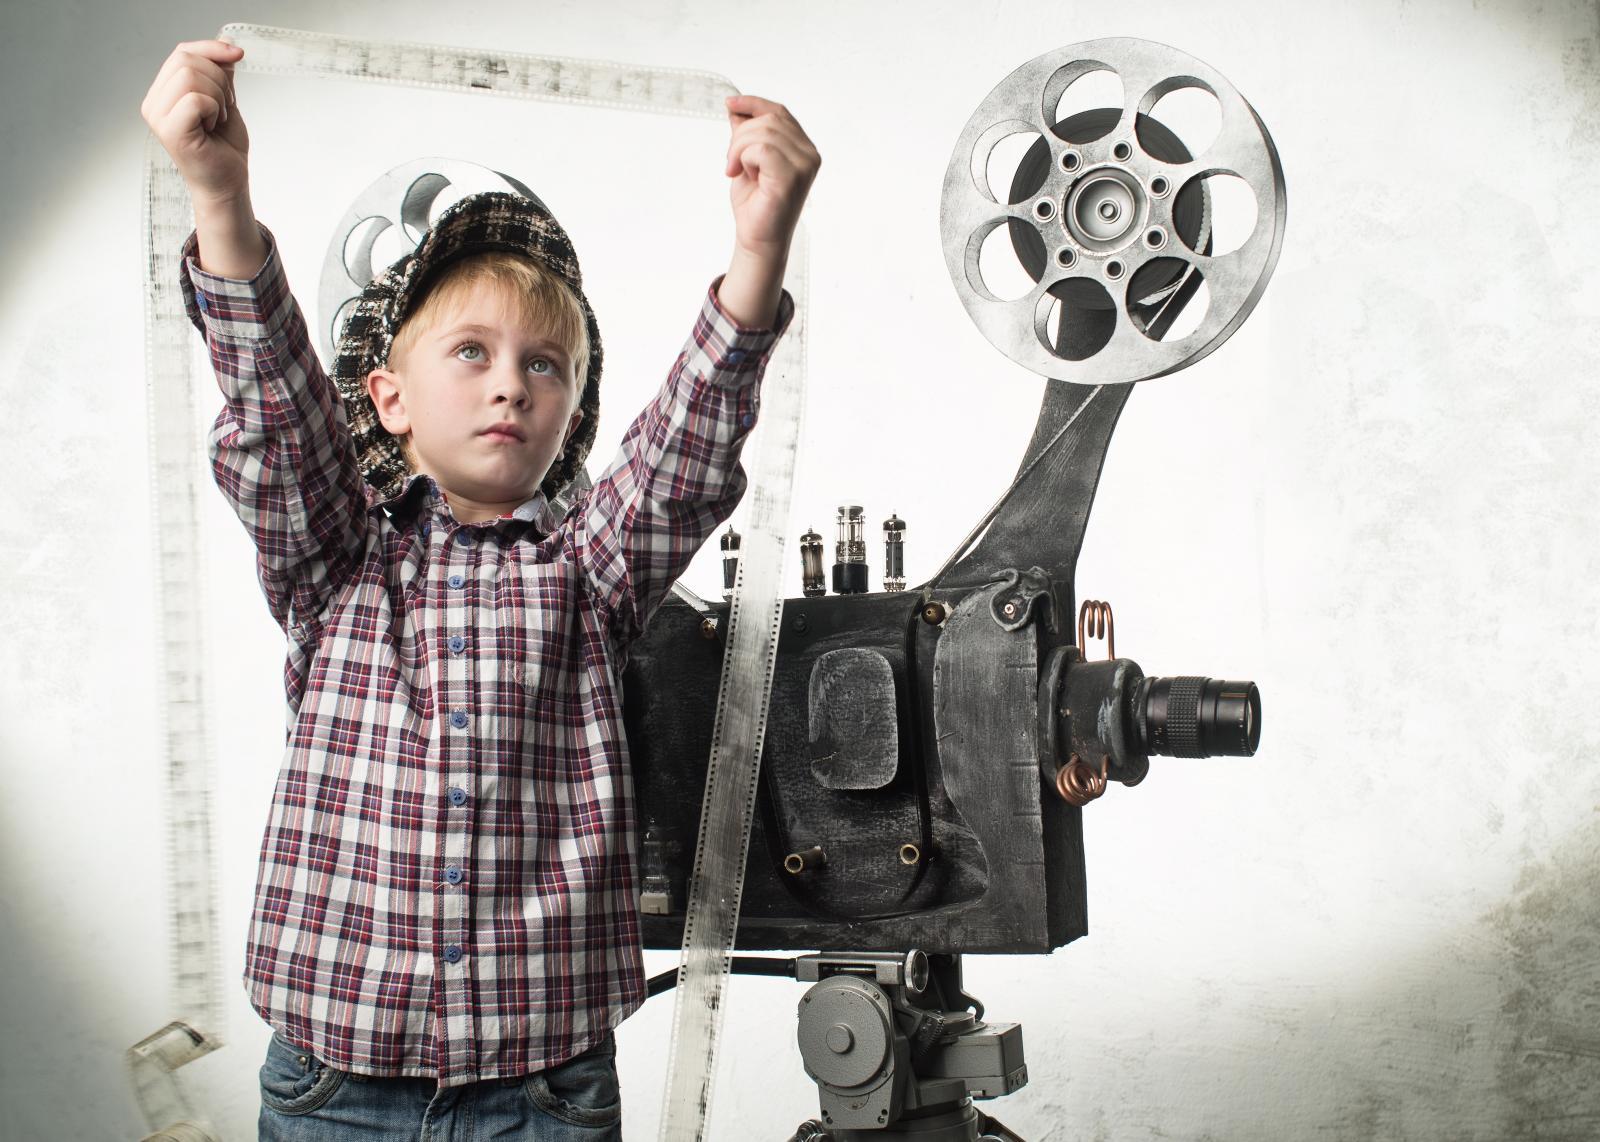 Фестиваль детского творчества «Мысами снимаем кино!» прошел в Брянске